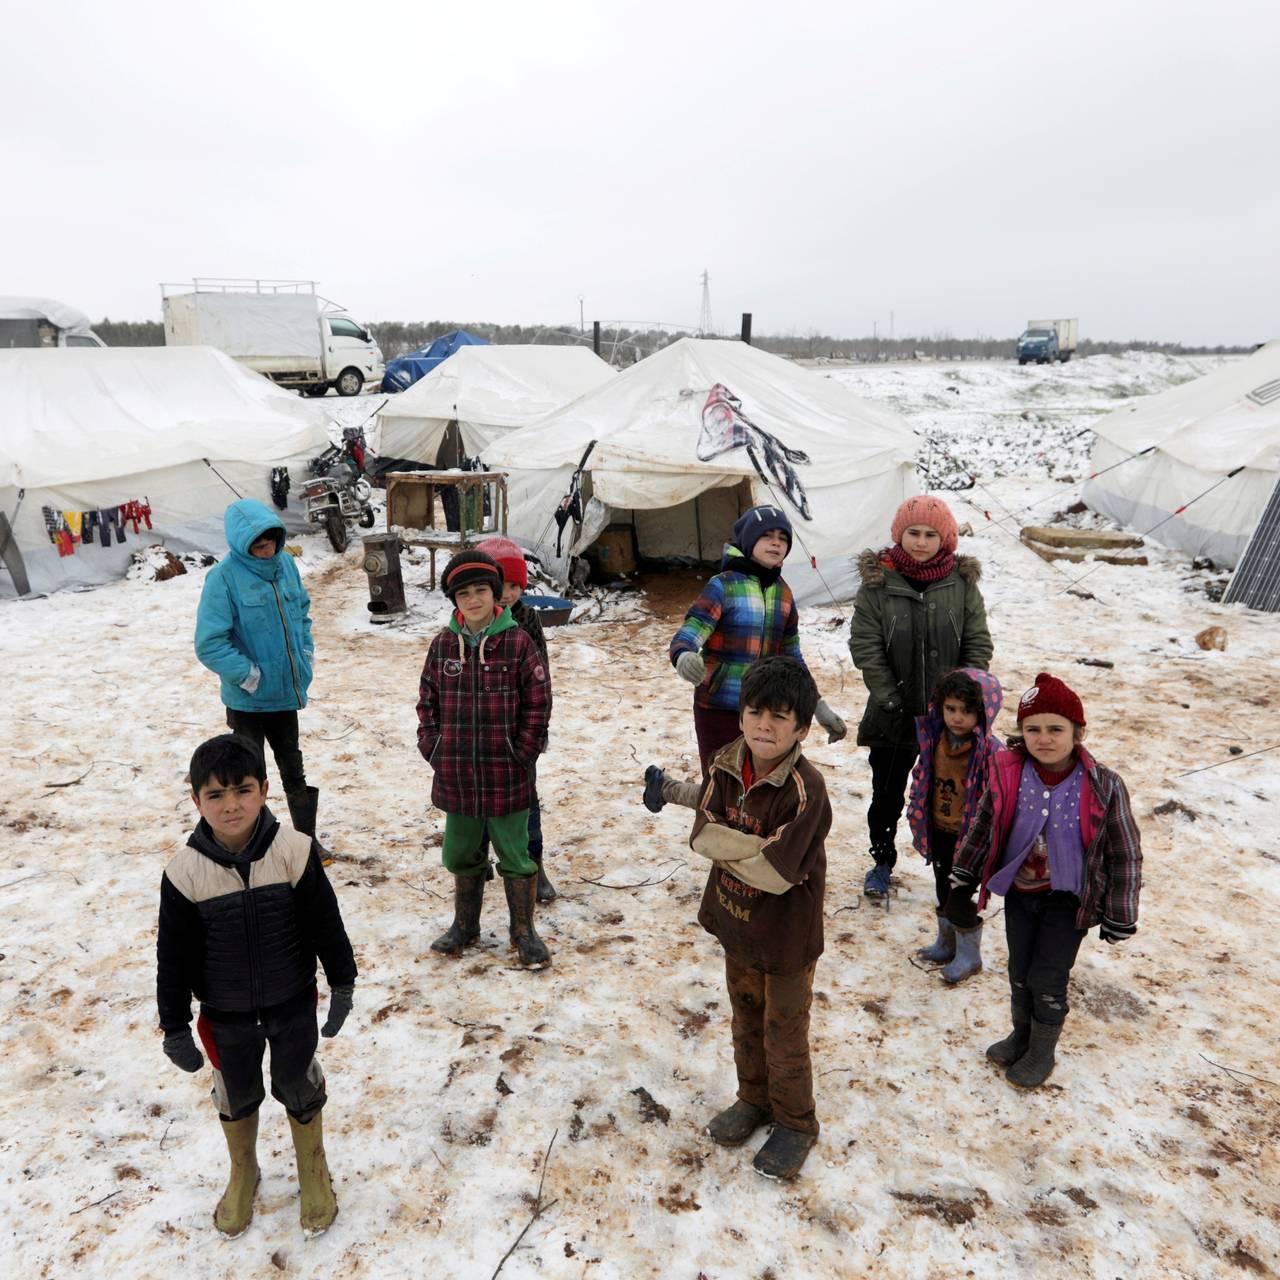 Syriske barn og voksne står i snøen ved telt i en flyktningleir i Azaz i Syria.